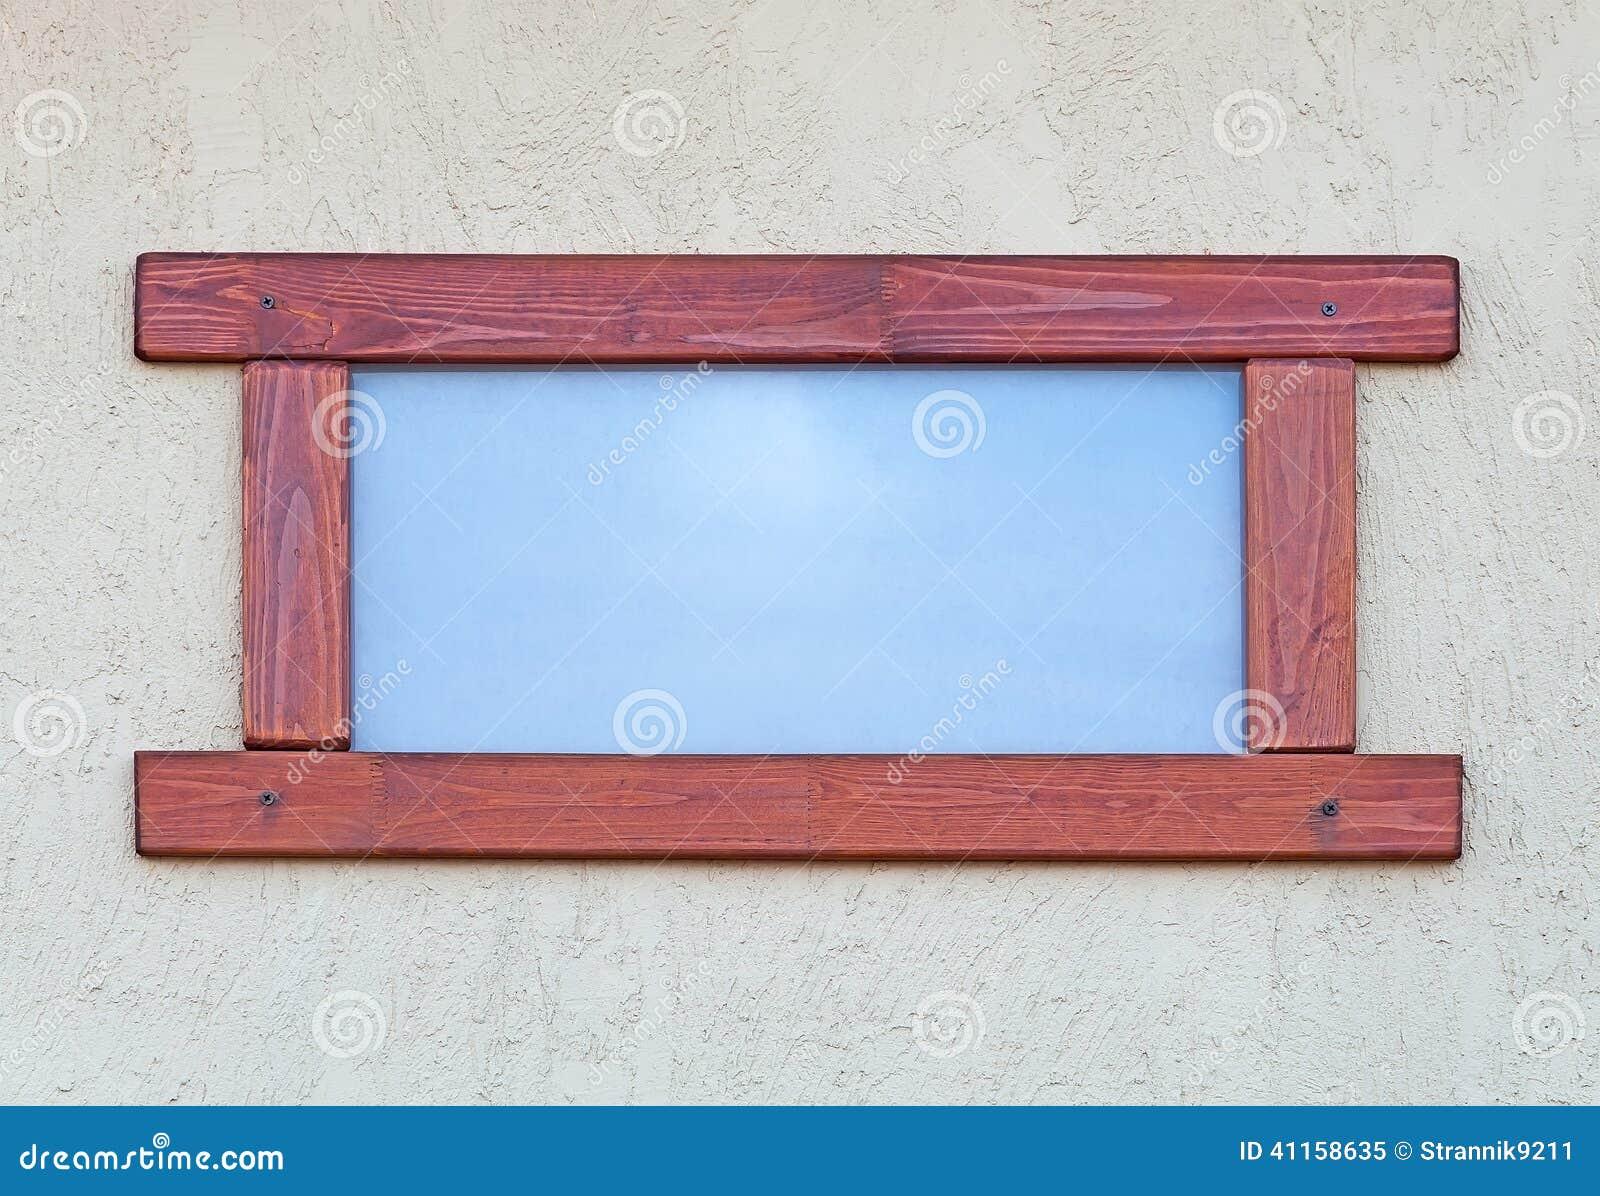 Fenster In Einem Holzrahmen Stockbild - Bild von gebäude ...